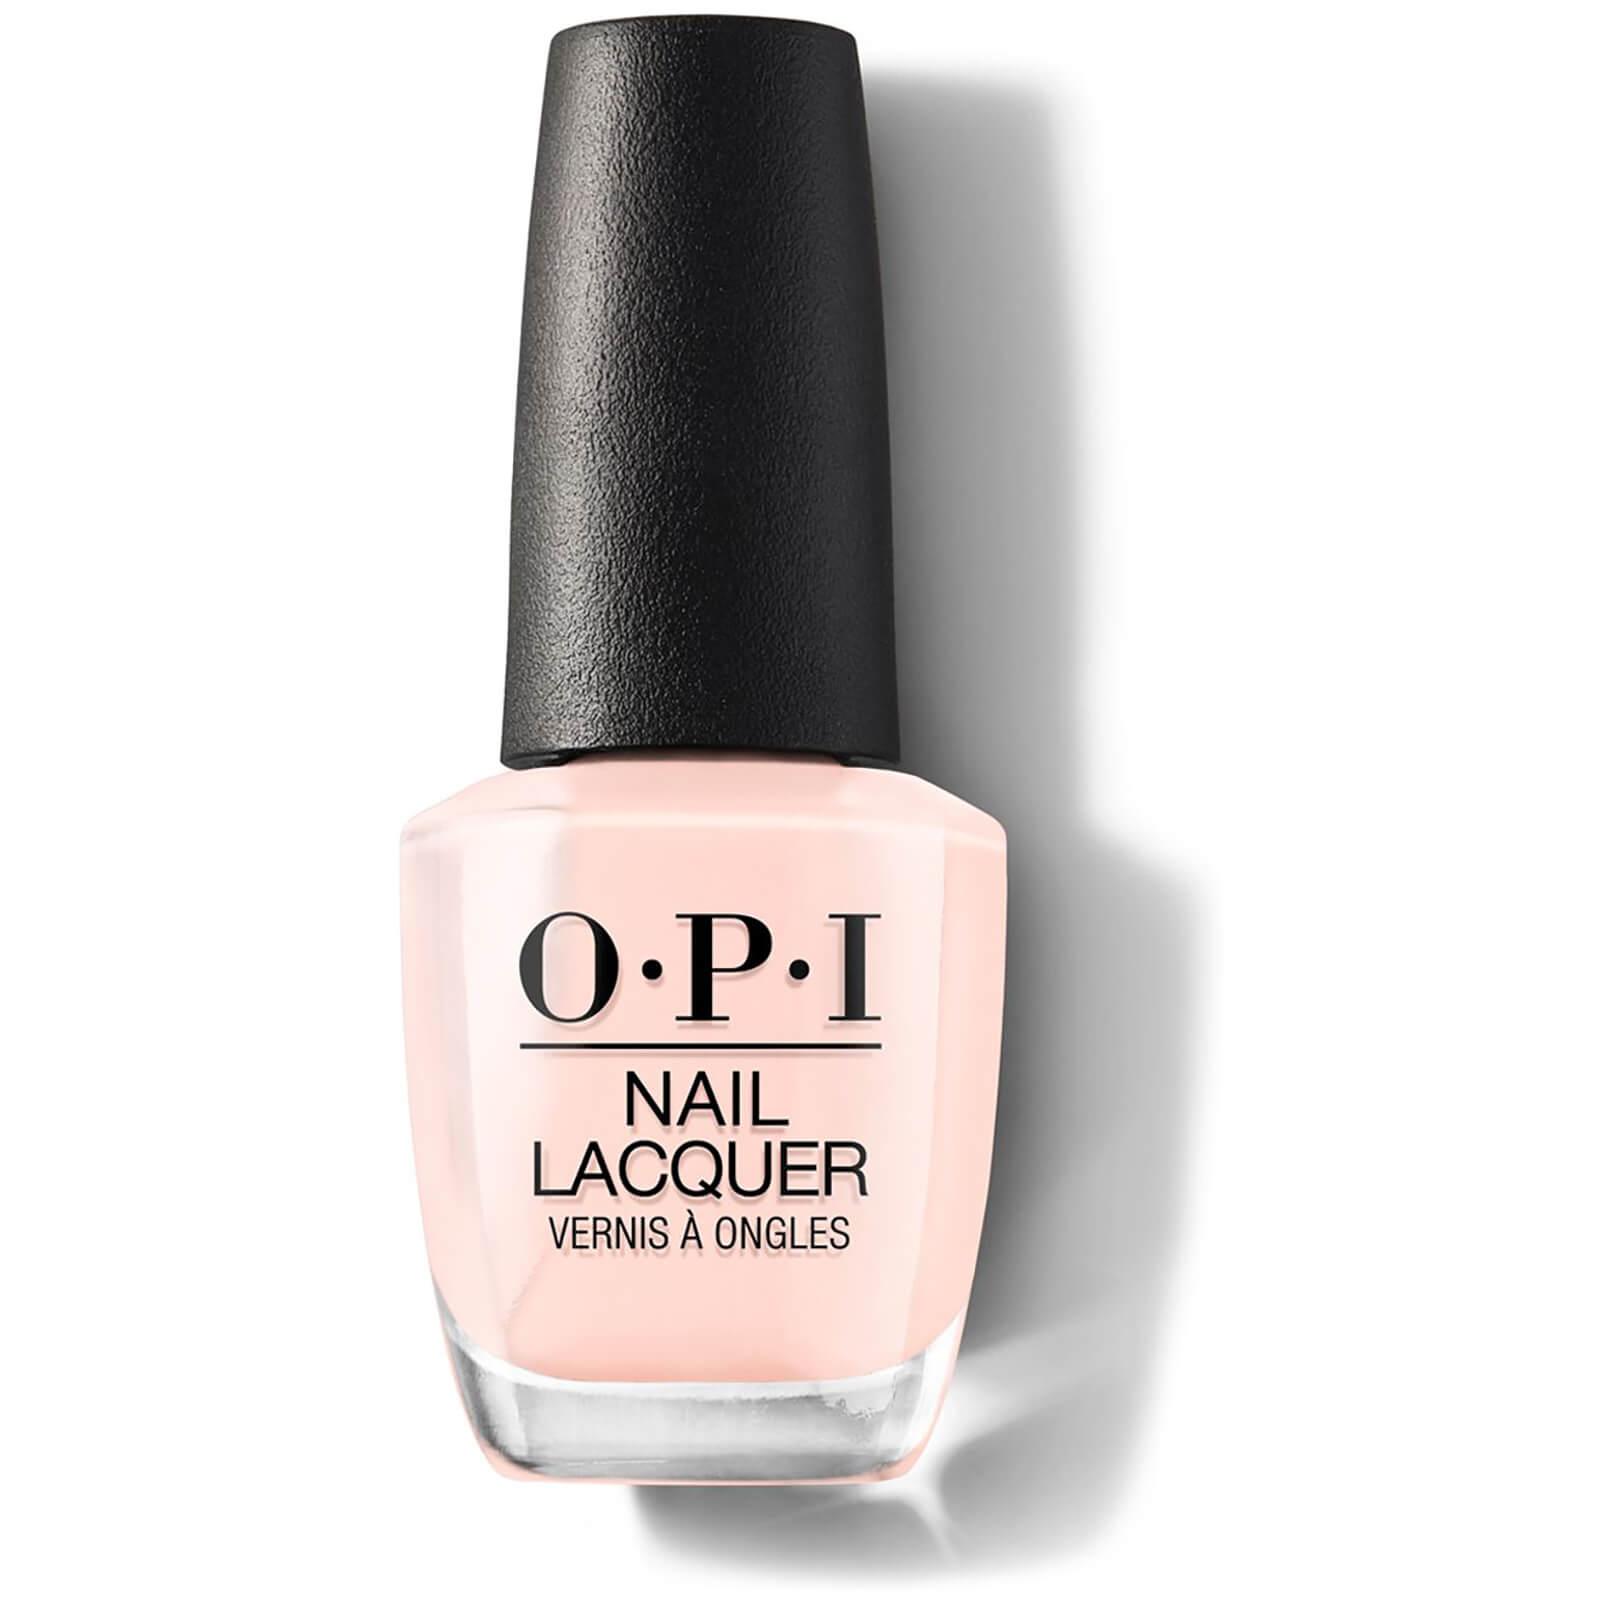 OPI 糖果粉红色 指甲油